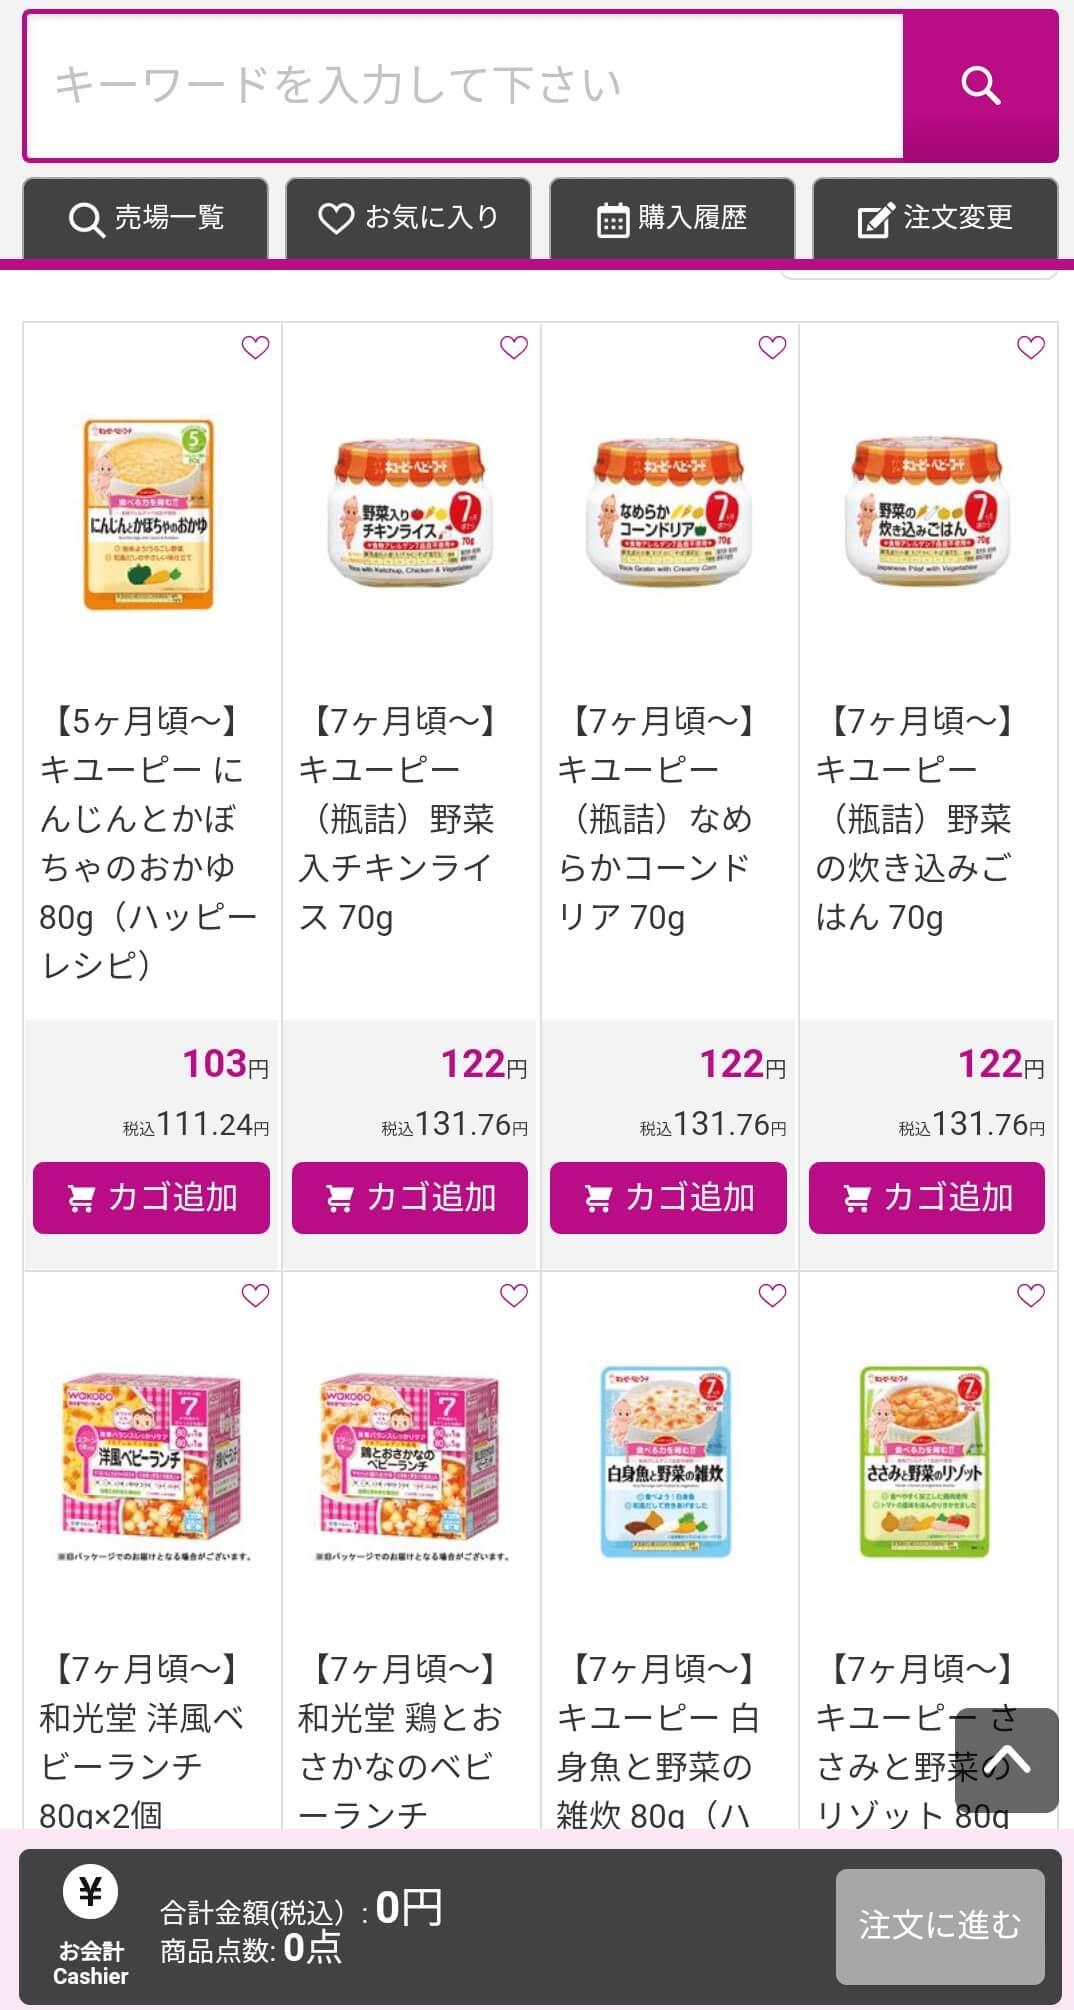 イオンネットスーパー 商品画面